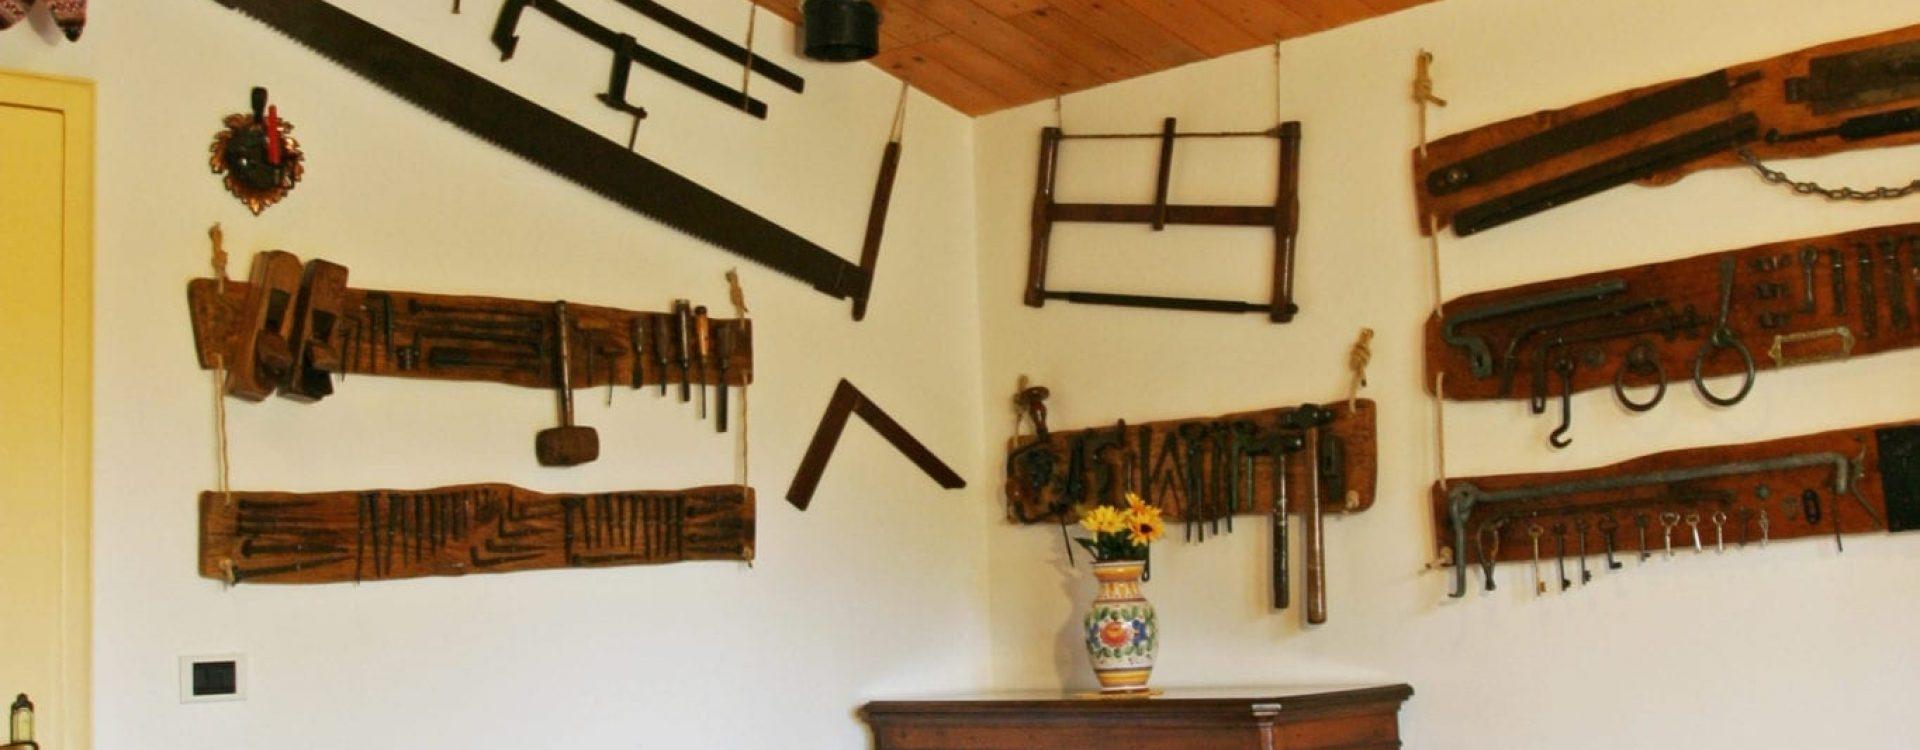 4 - cucina-angolo falegname